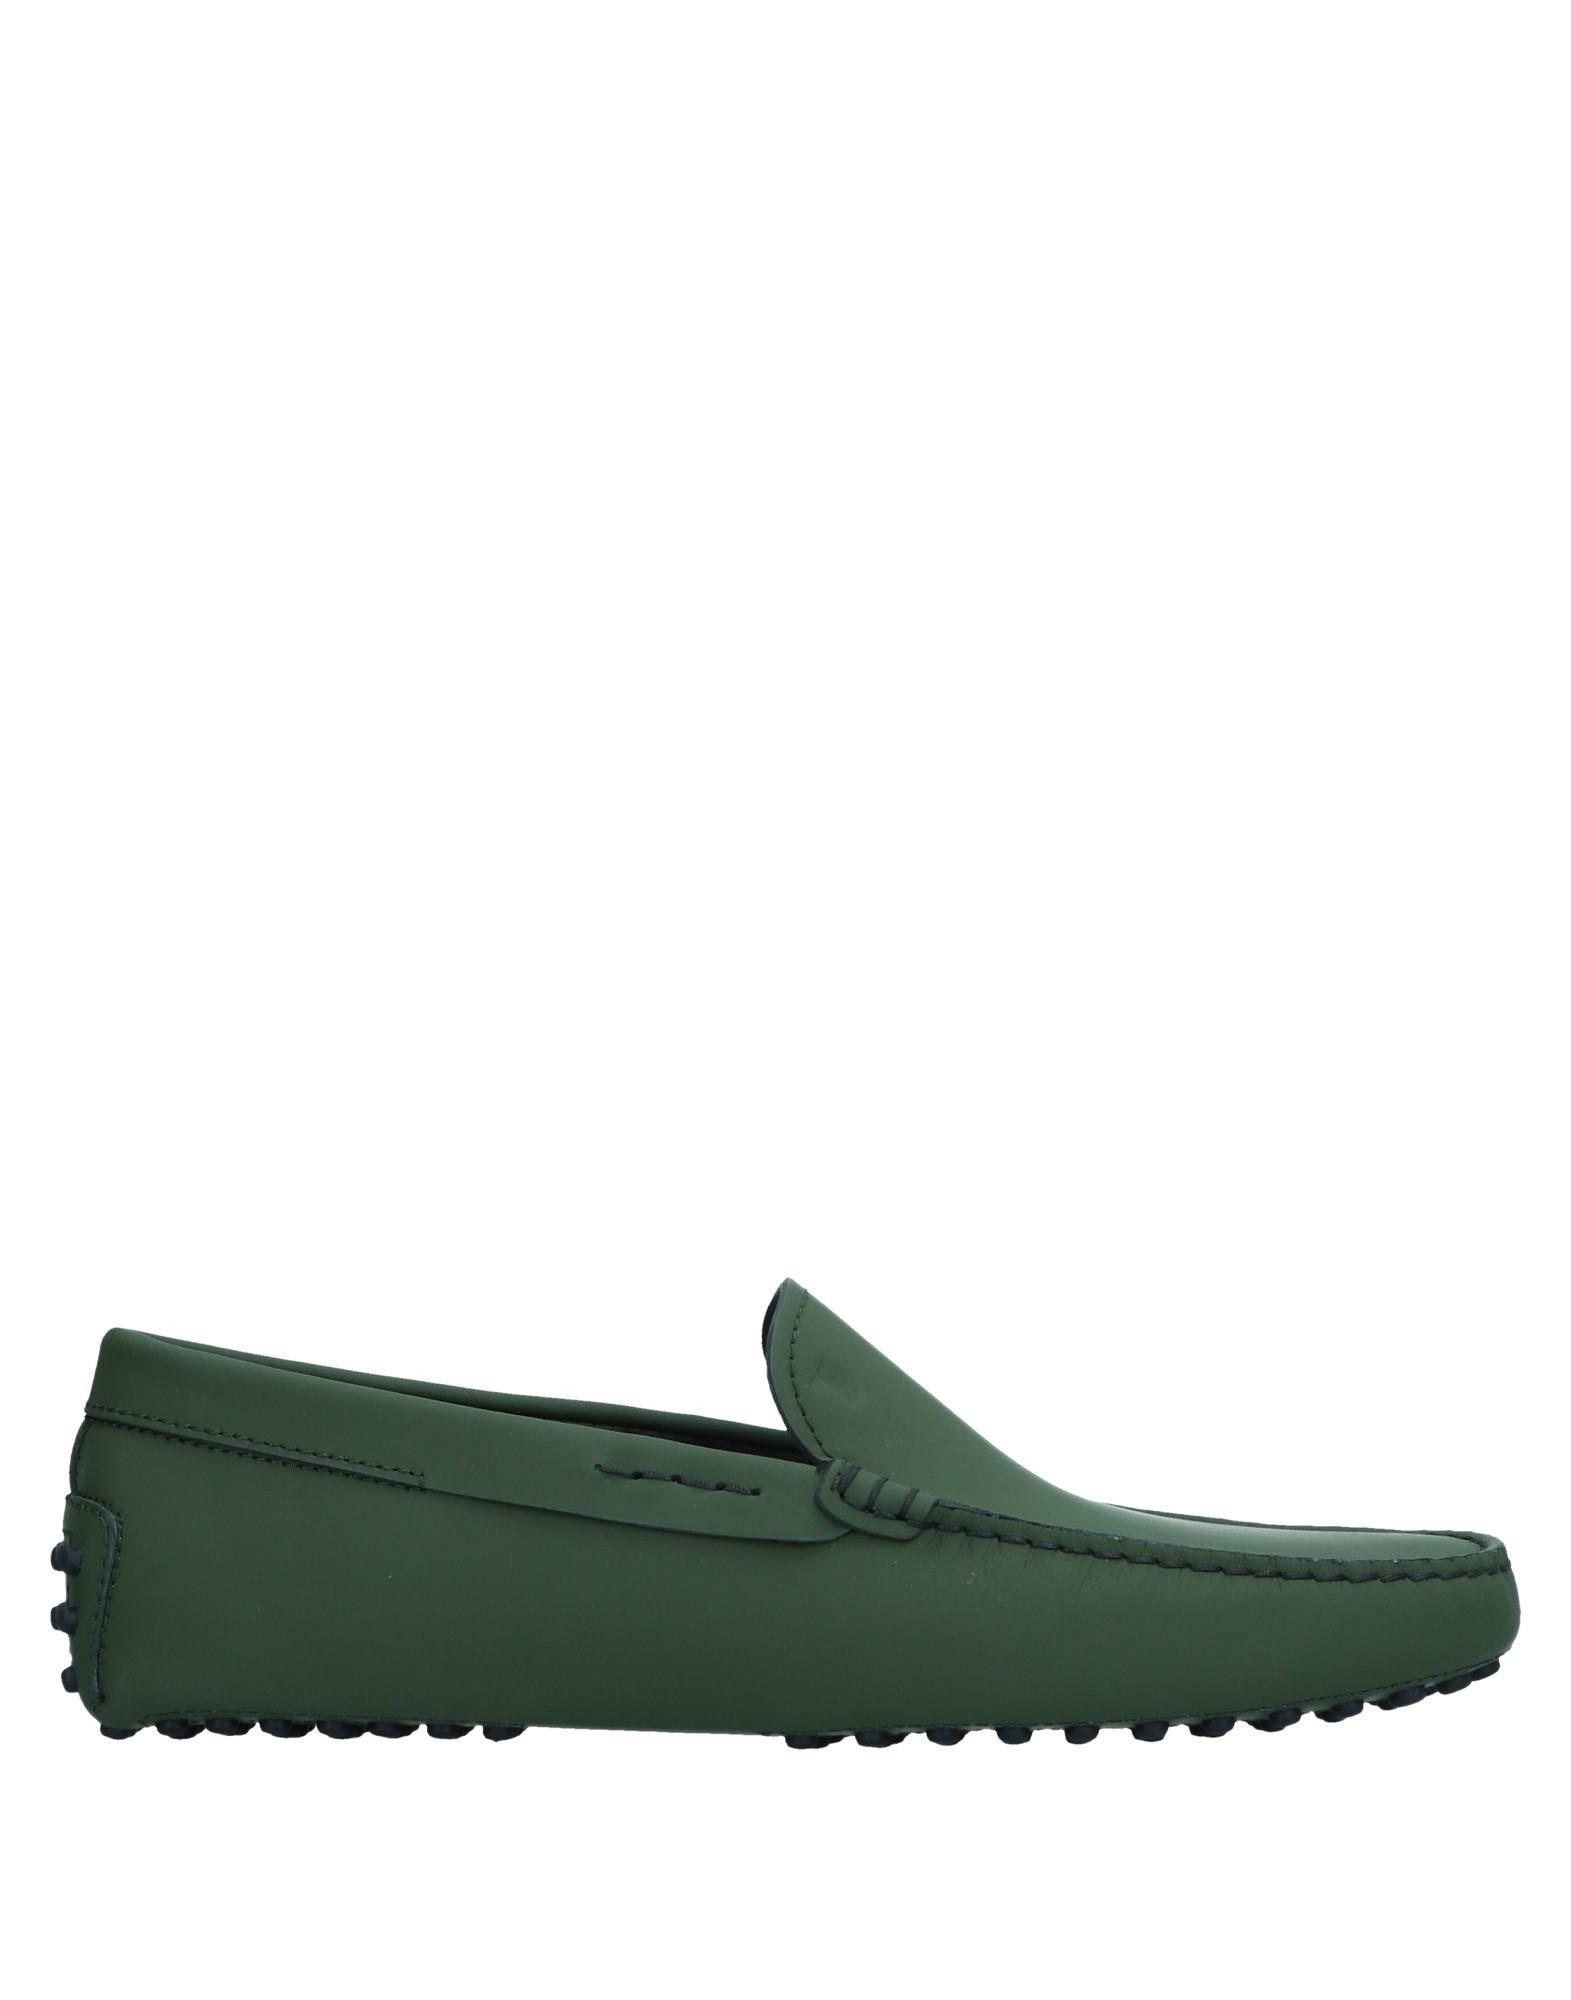 Tod's Mokassins Qualität Herren  11548666IP Gute Qualität Mokassins beliebte Schuhe e6bc86